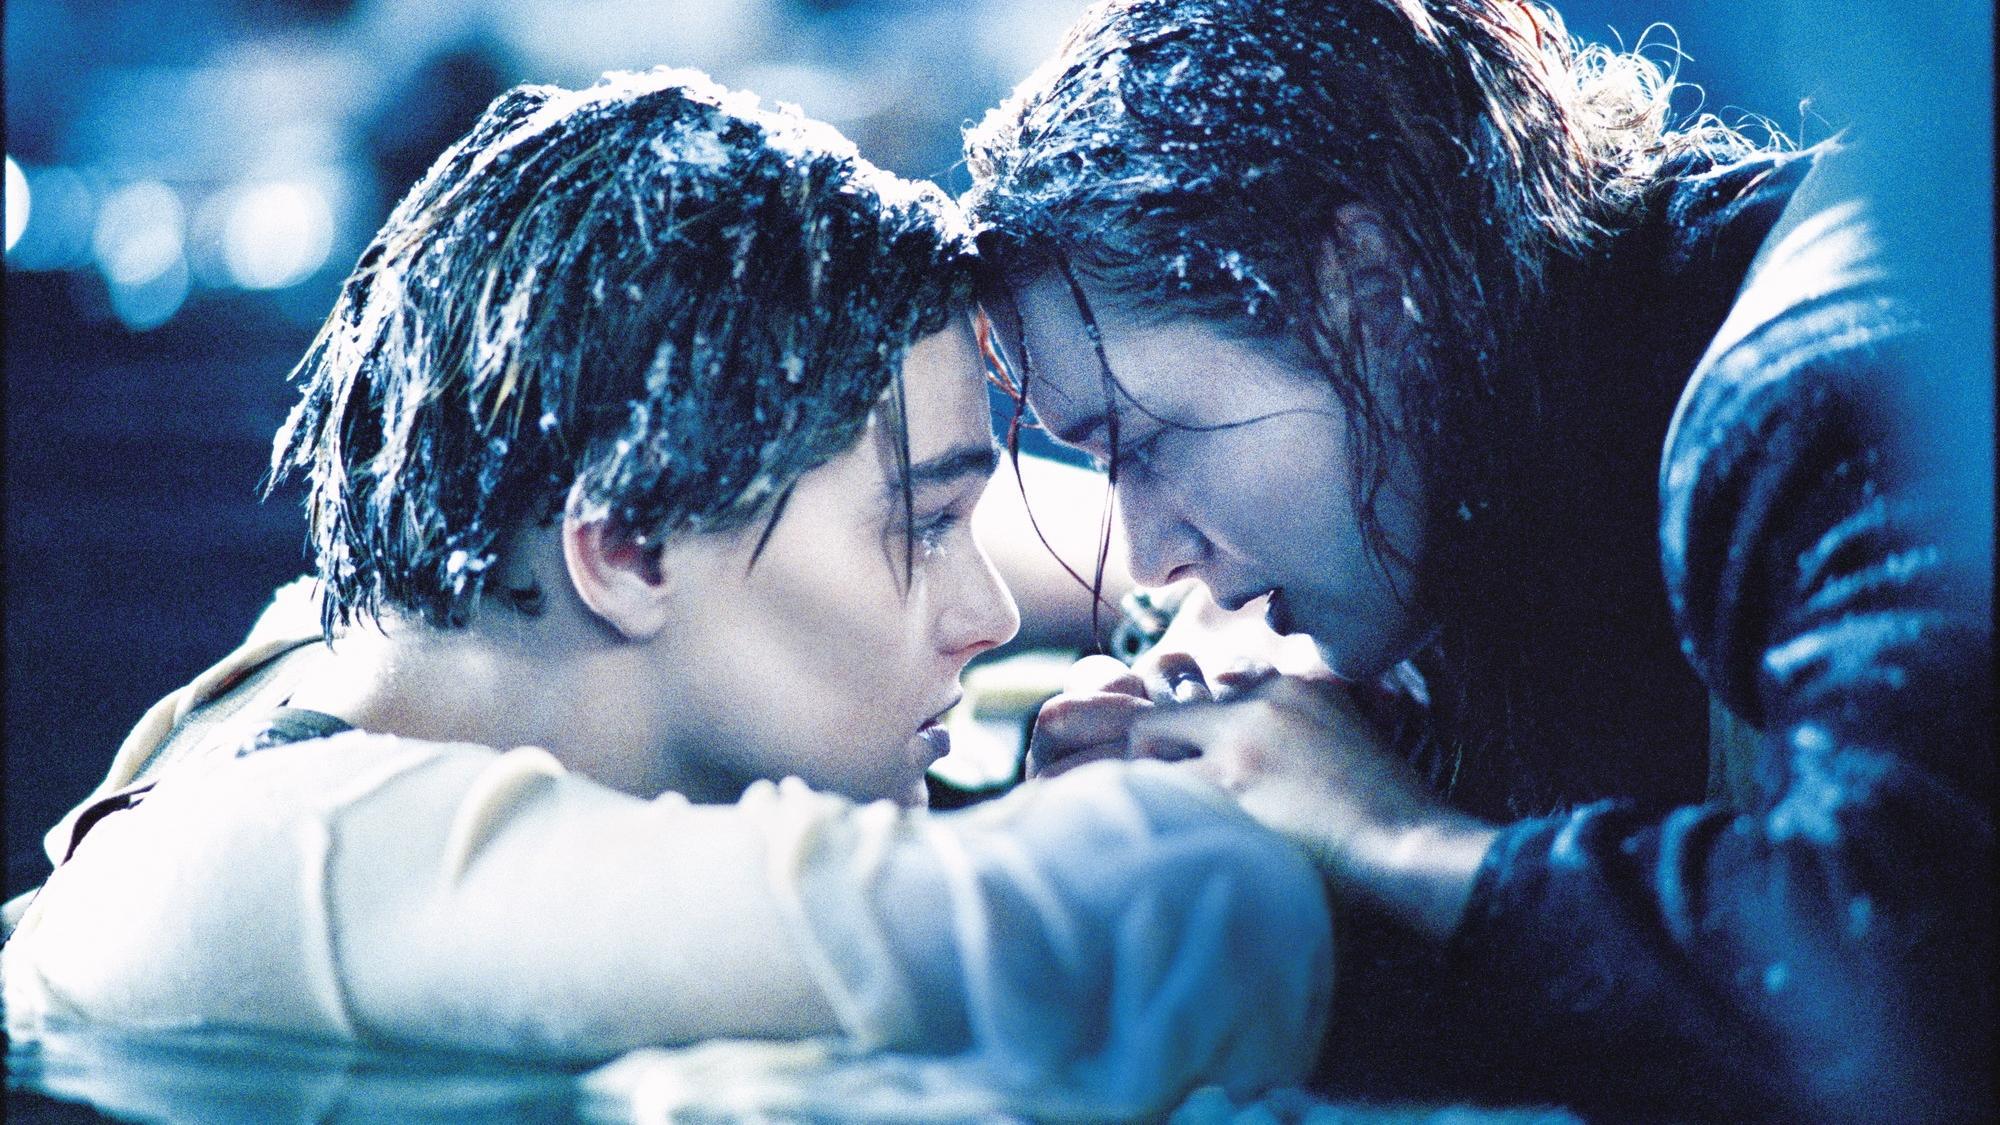 #影评 泰坦尼克号 #深度解读《泰坦尼克号》,一部无法超越的经典之作,可歌可泣!